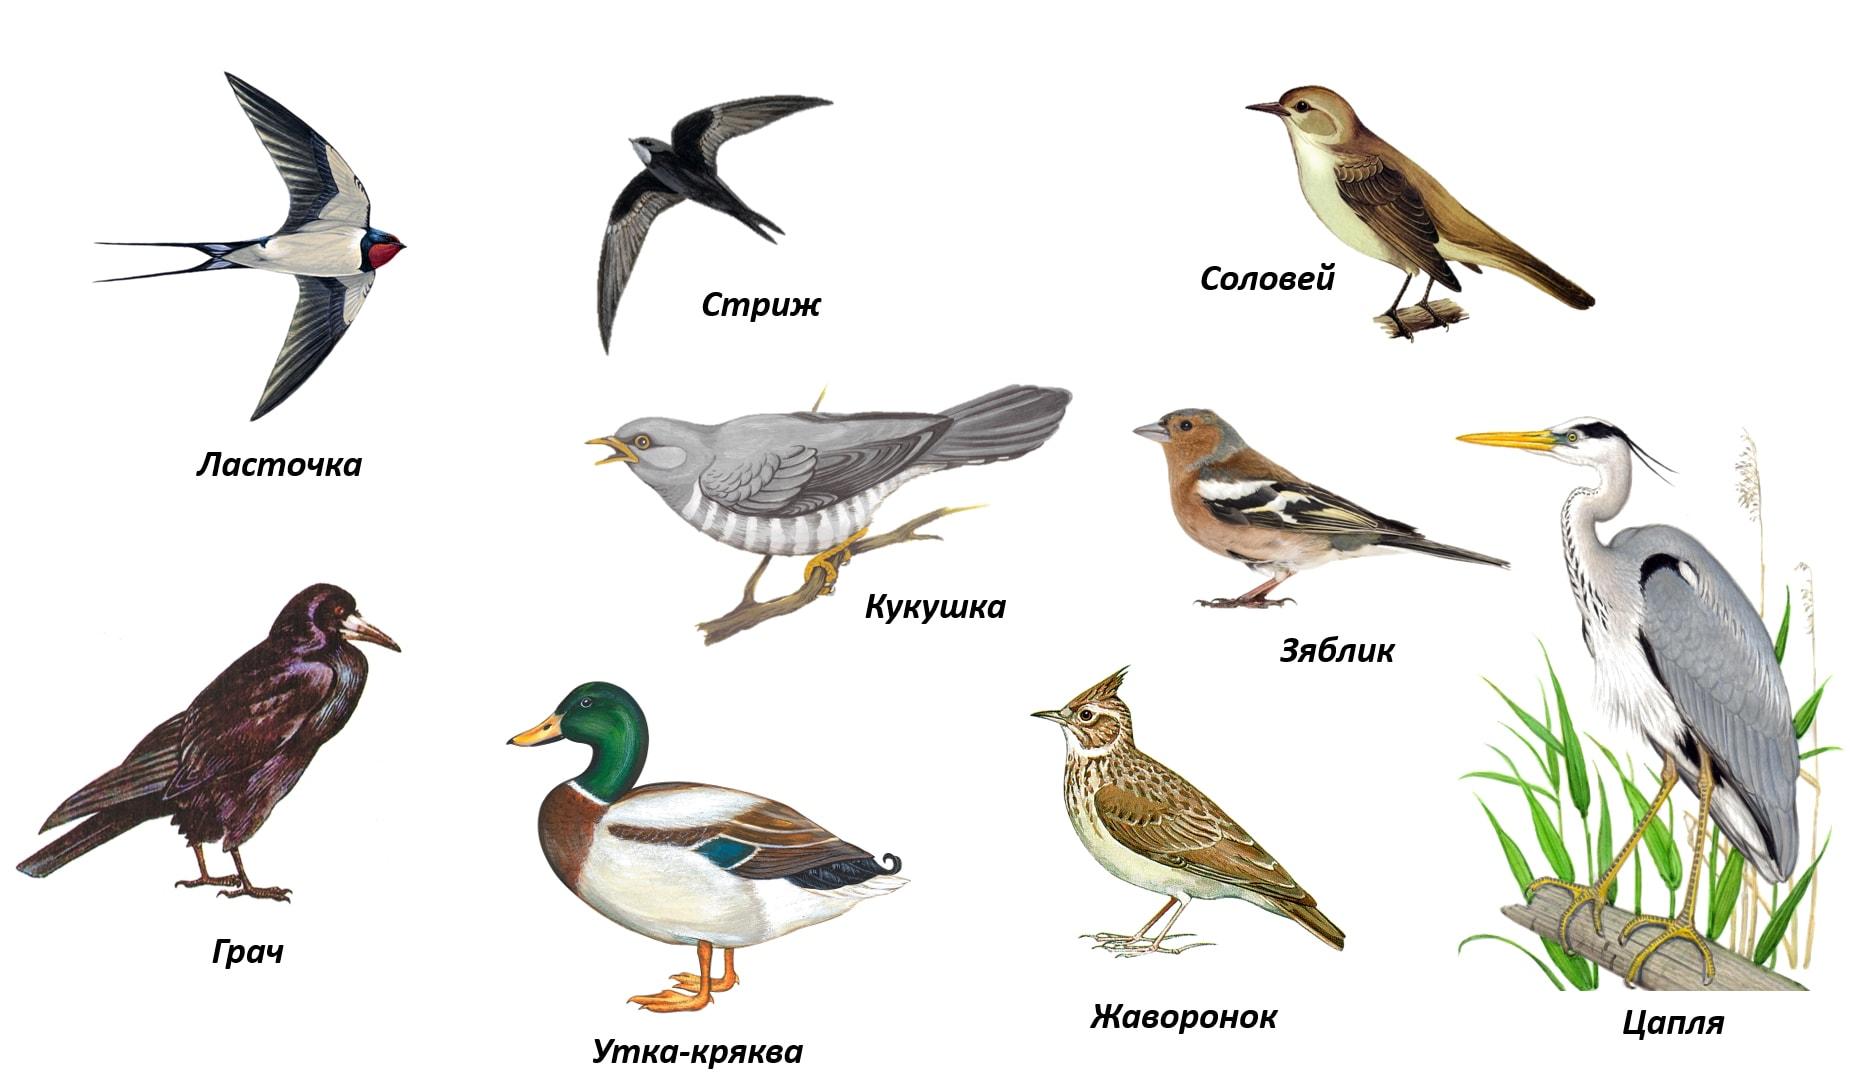 Наиболее распространенные виды перелетных птиц